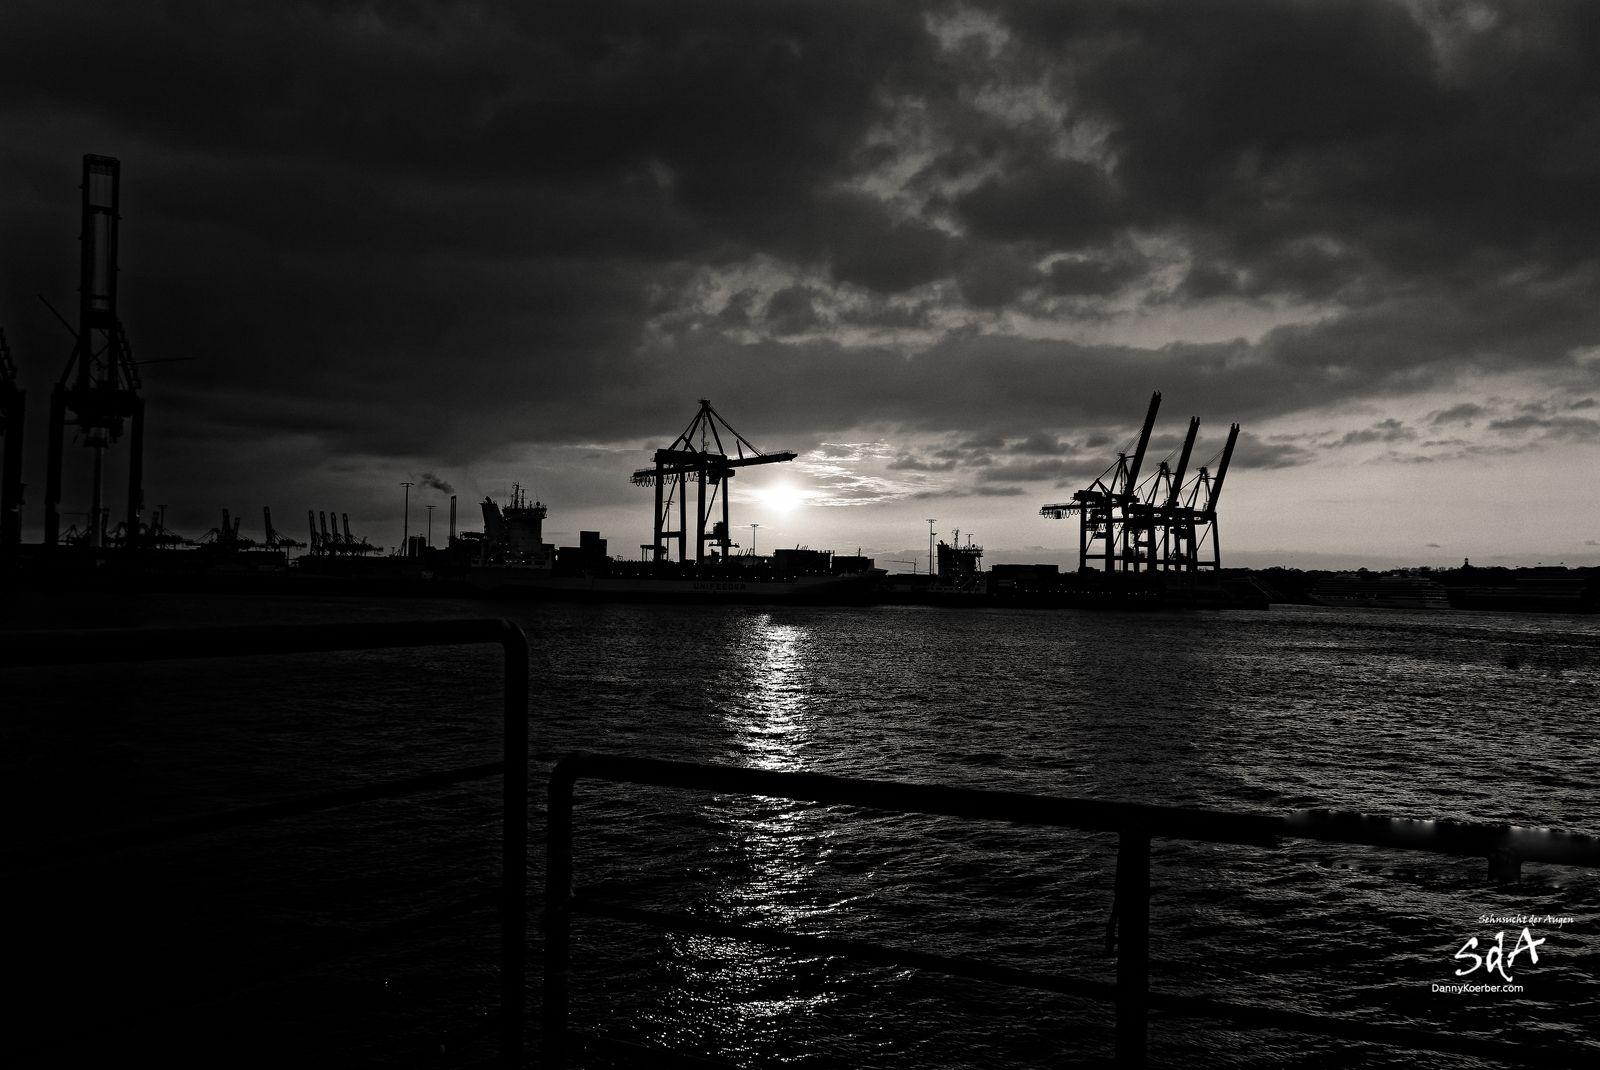 Ein kalter Abend geht zu Ende. Fotografiert von Danny Koerber in Schwarz Weiß im Hamburger Hafen.